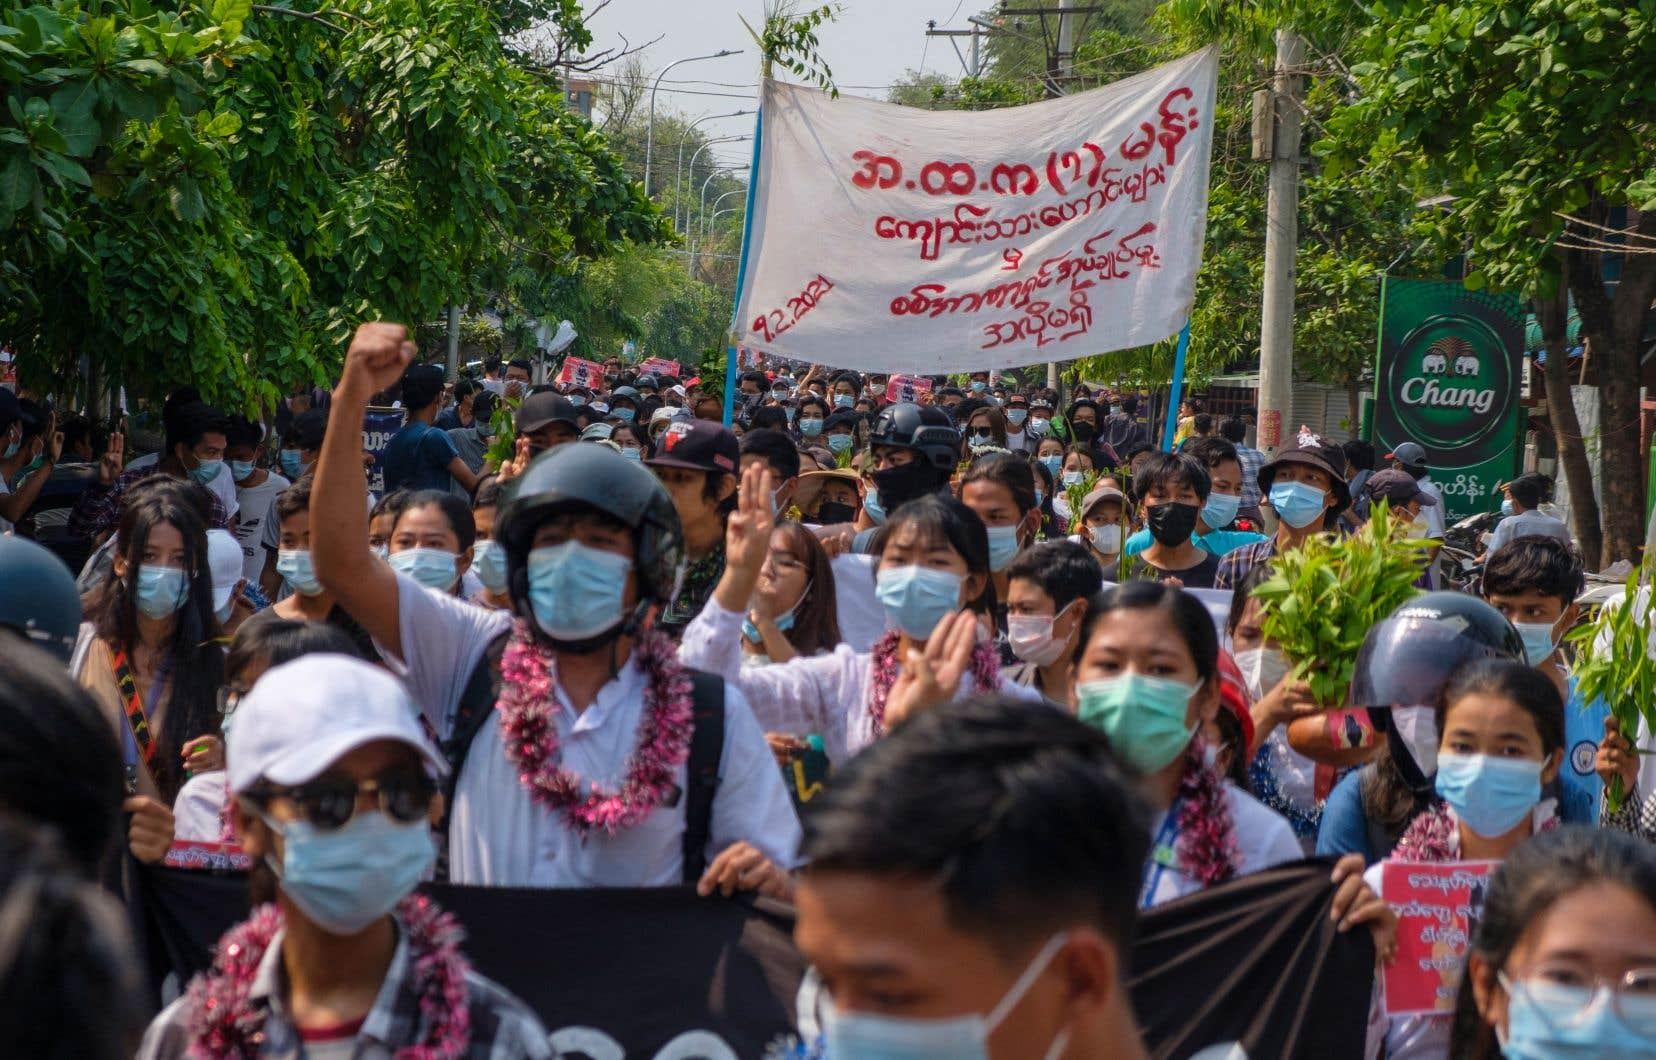 Les manifestations se poursuivent au Myanmar, malgré la répression de l'armée.